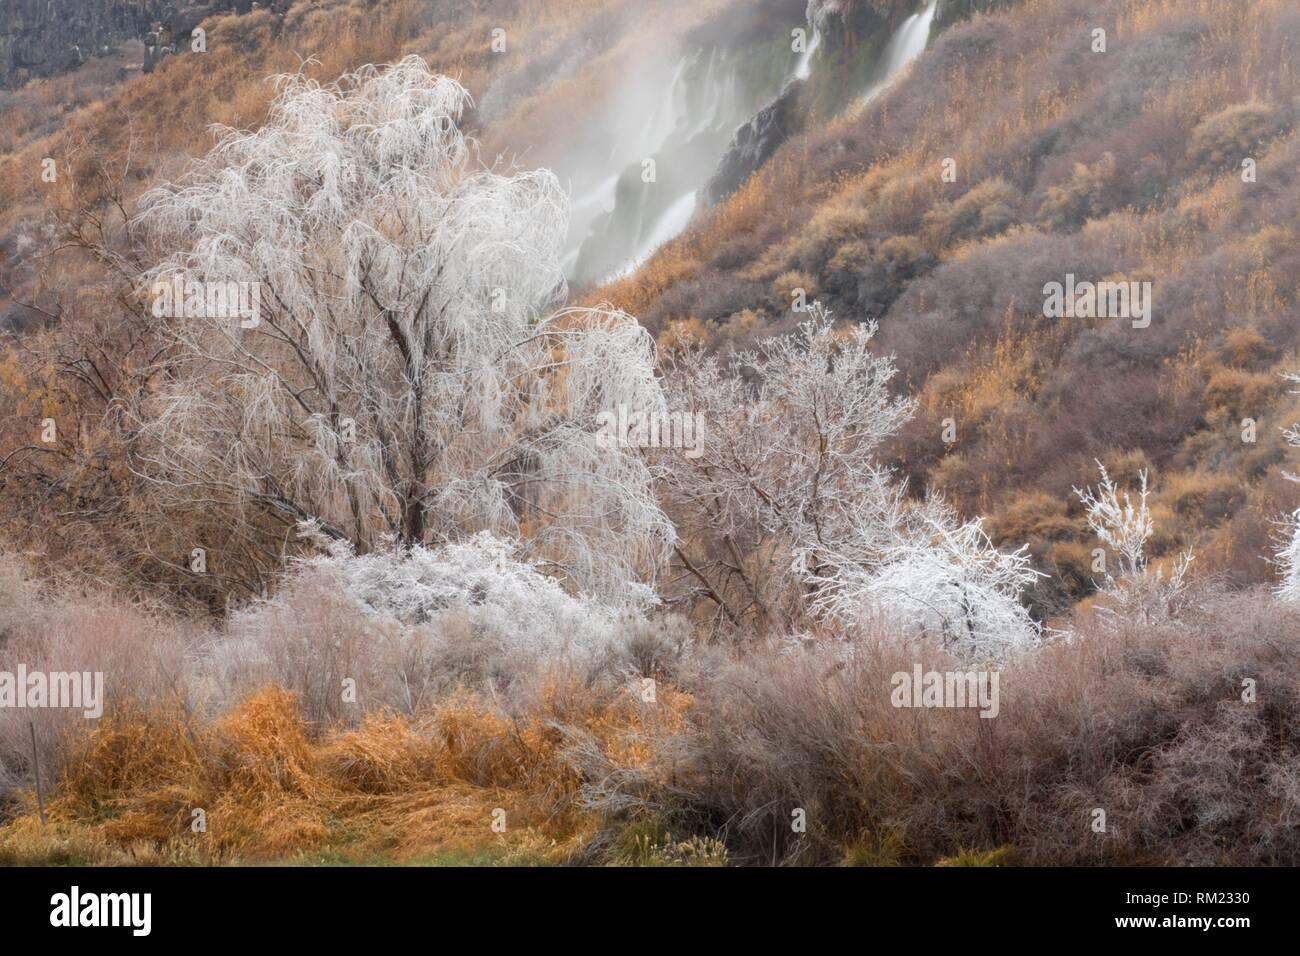 Cascada de hielo spray, Mil Springs State Park-Ritter Isla, Idaho. Imagen De Stock